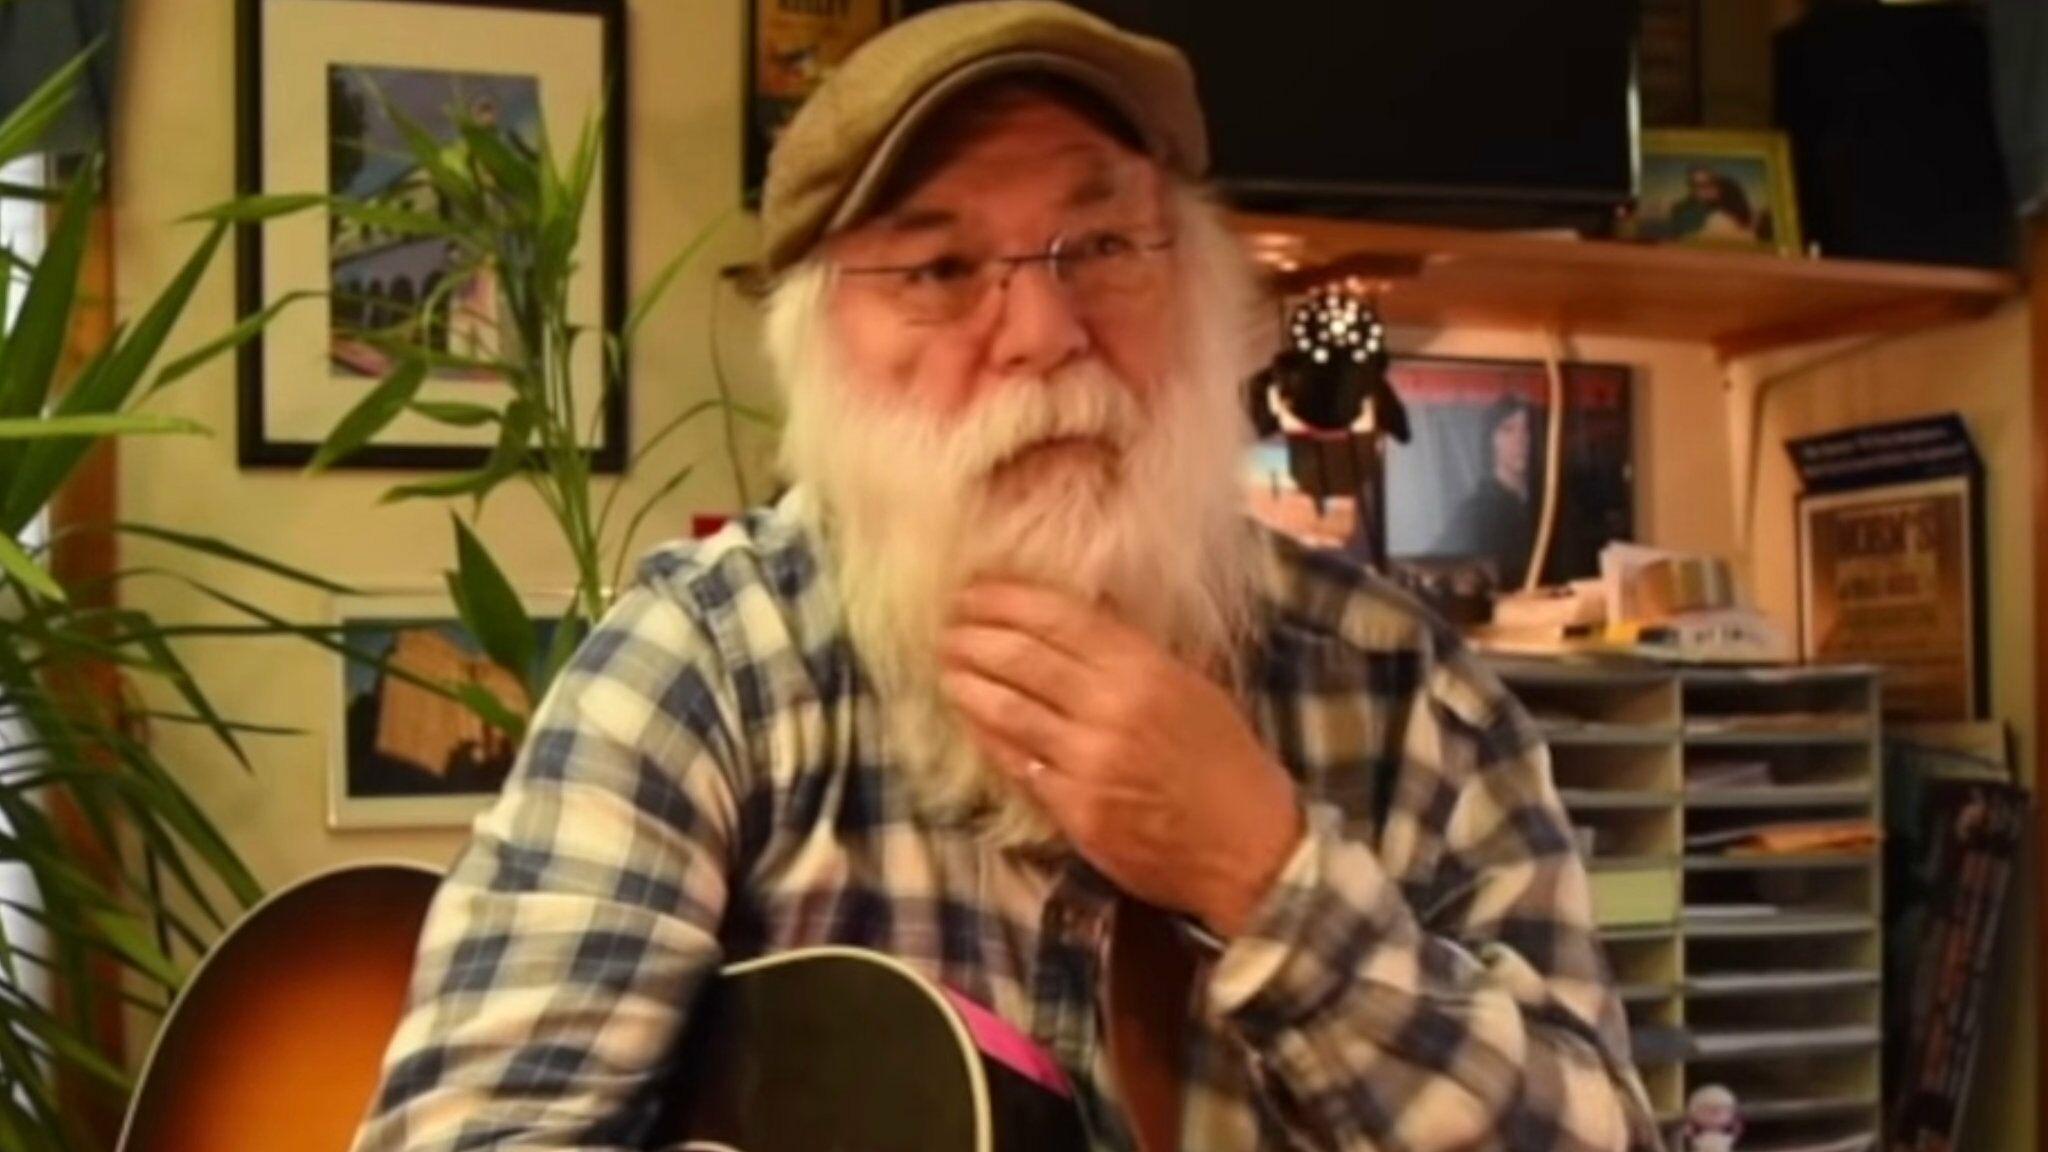 Mort sur scène d'un célèbre chanteur de folk américain : il « s'est excusé avant de fermer les yeux »